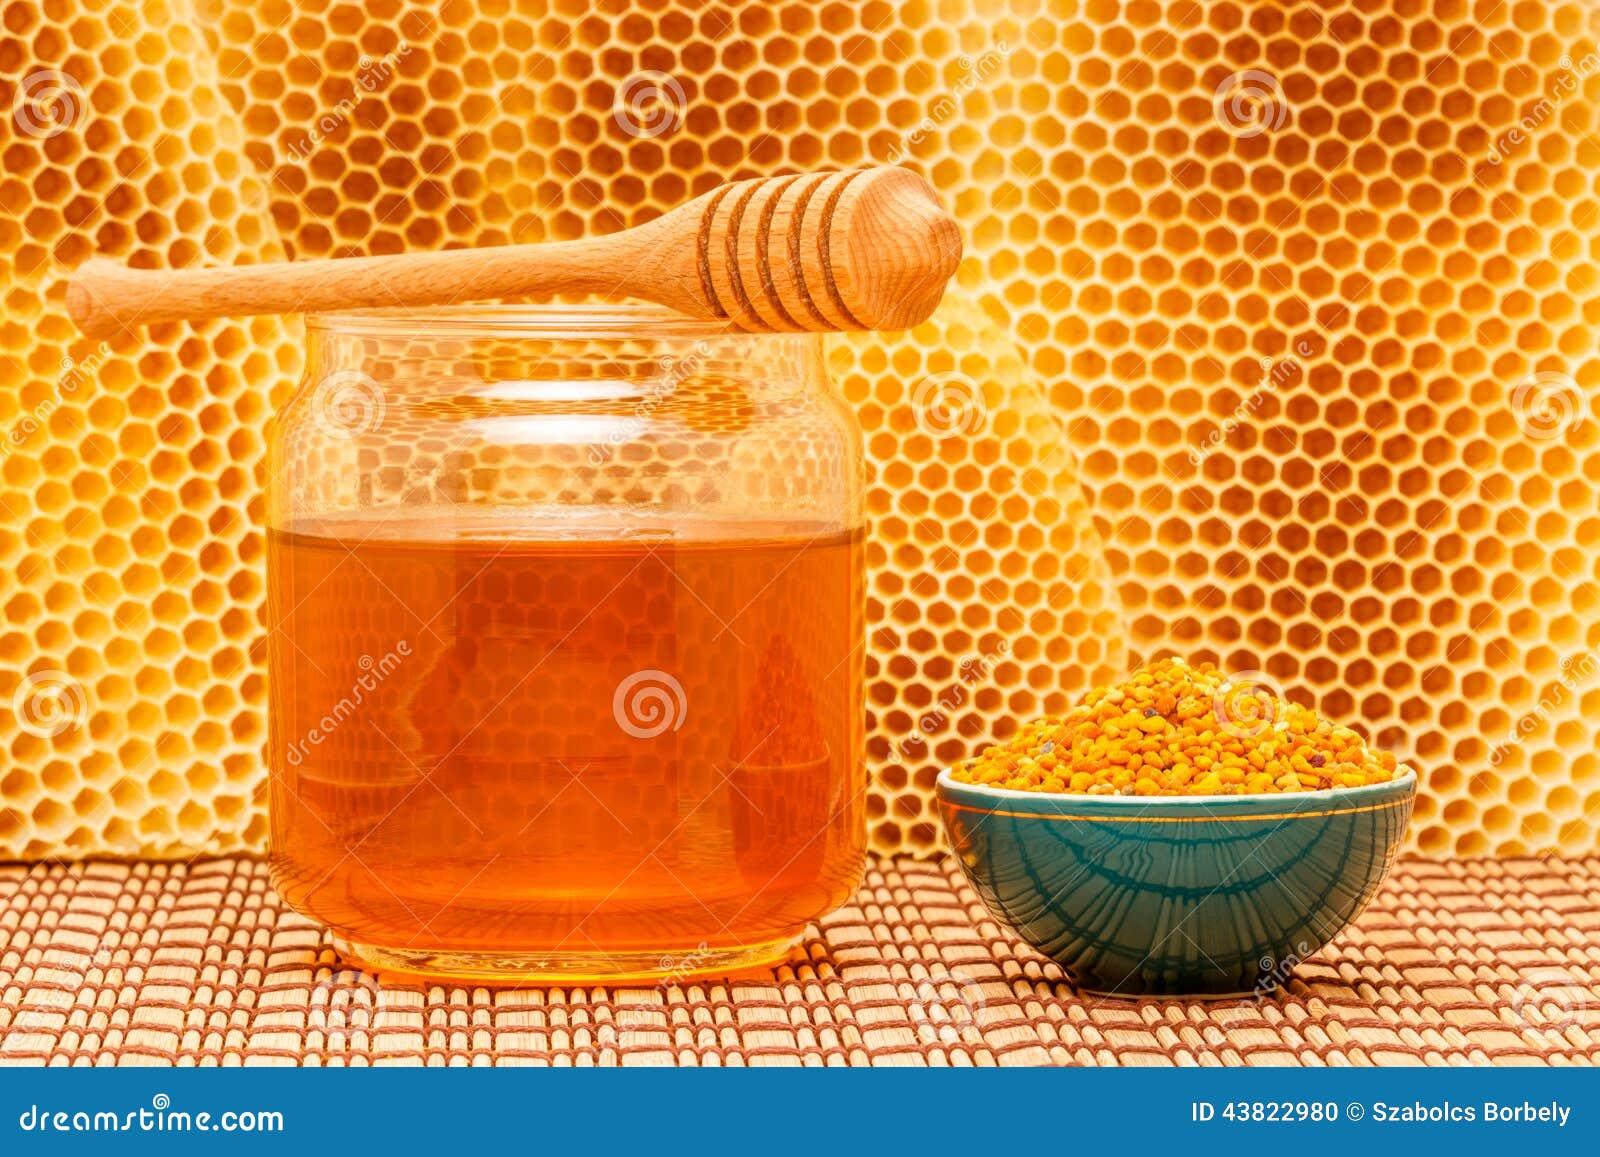 Honing in kruik met binnen dipper, honingraat en stuifmeel